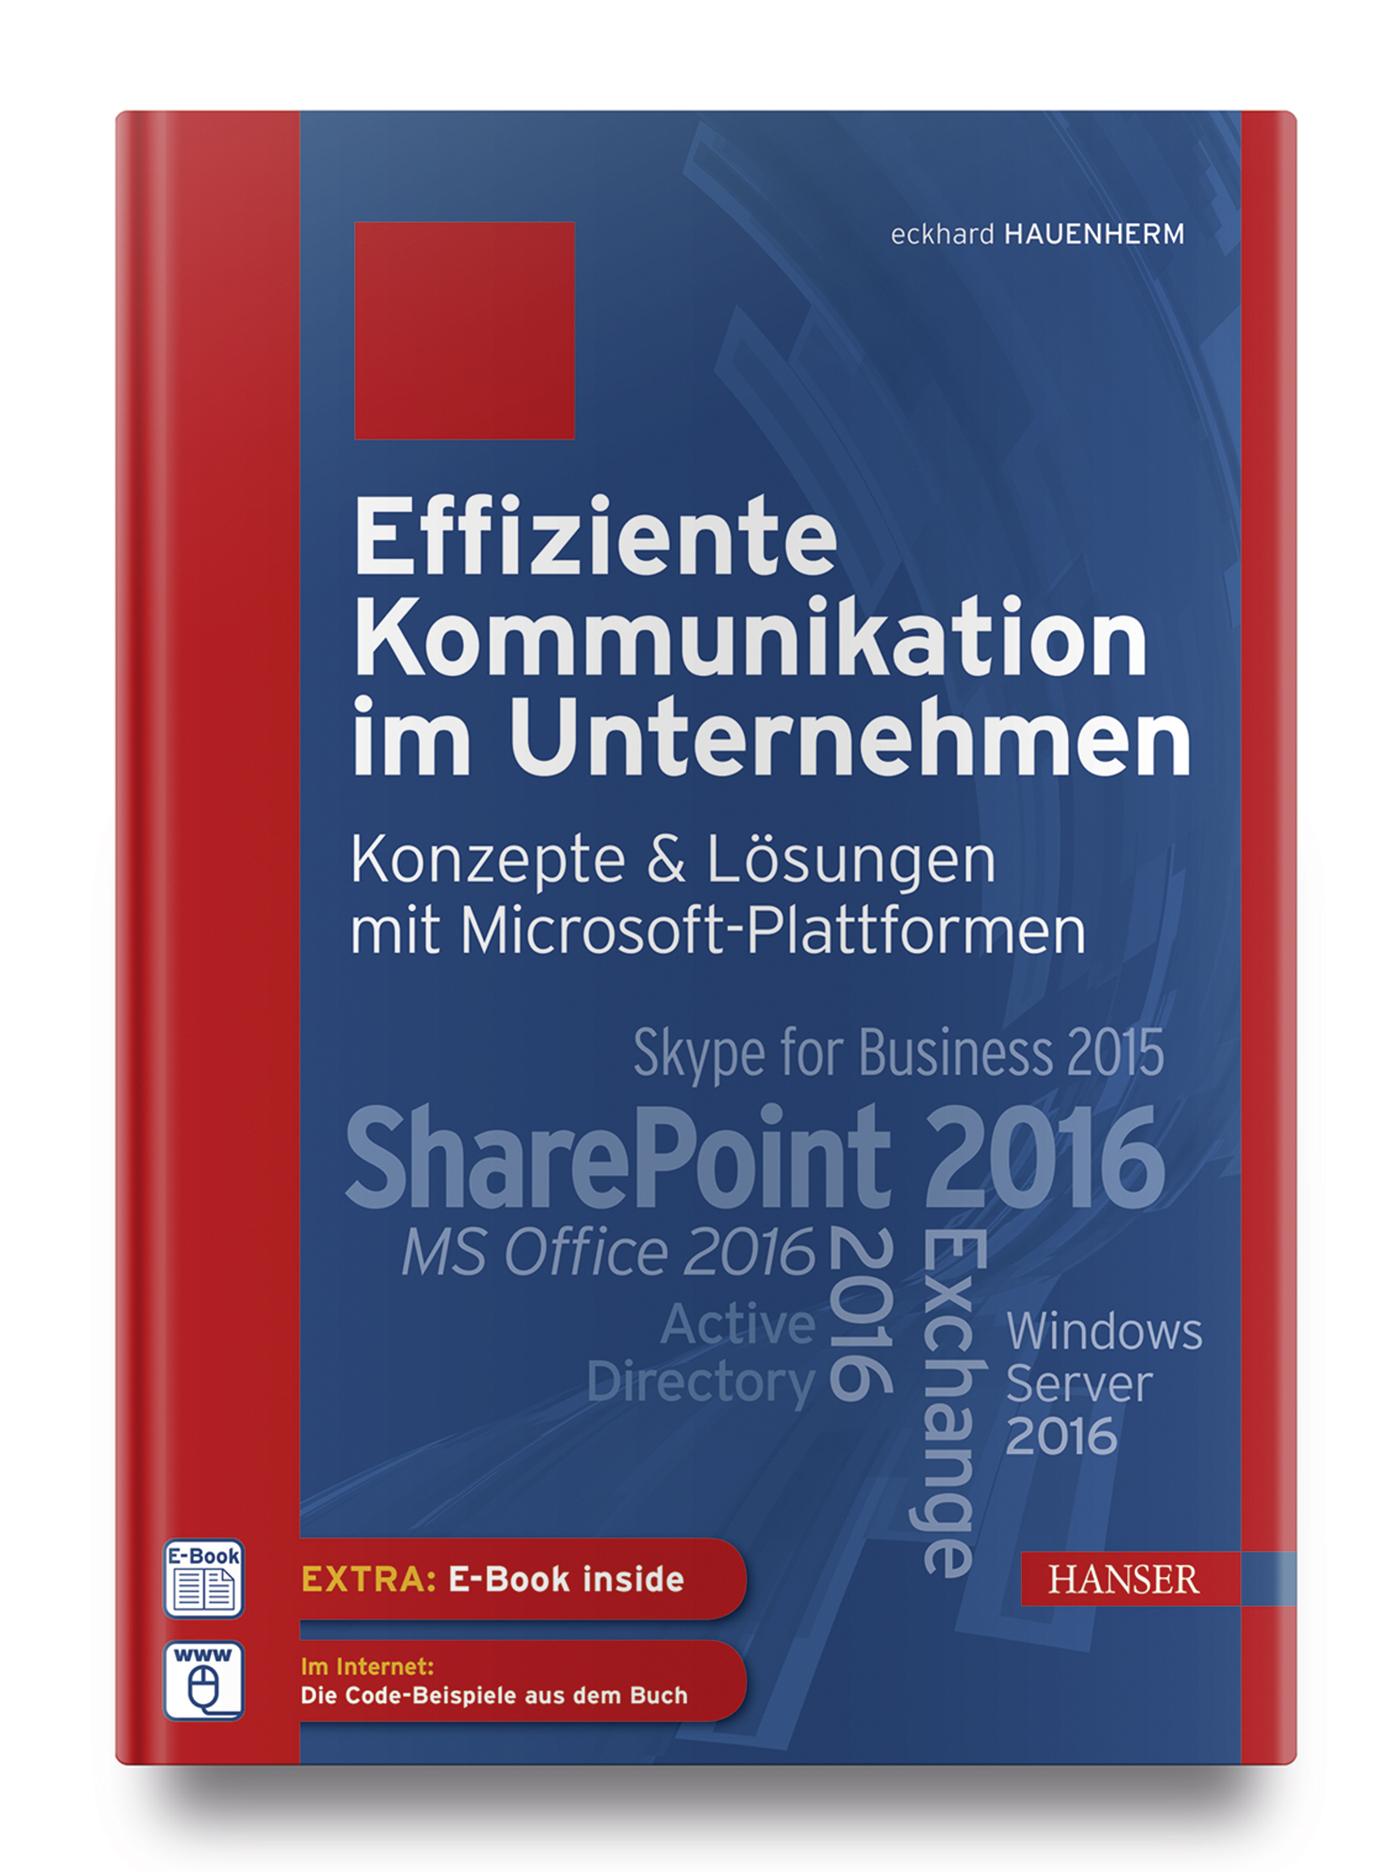 Hauenherm, Effiziente Kommunikation im Unternehmen: Konzepte & Lösungen mit Microsoft-Plattformen, 978-3-446-44681-6